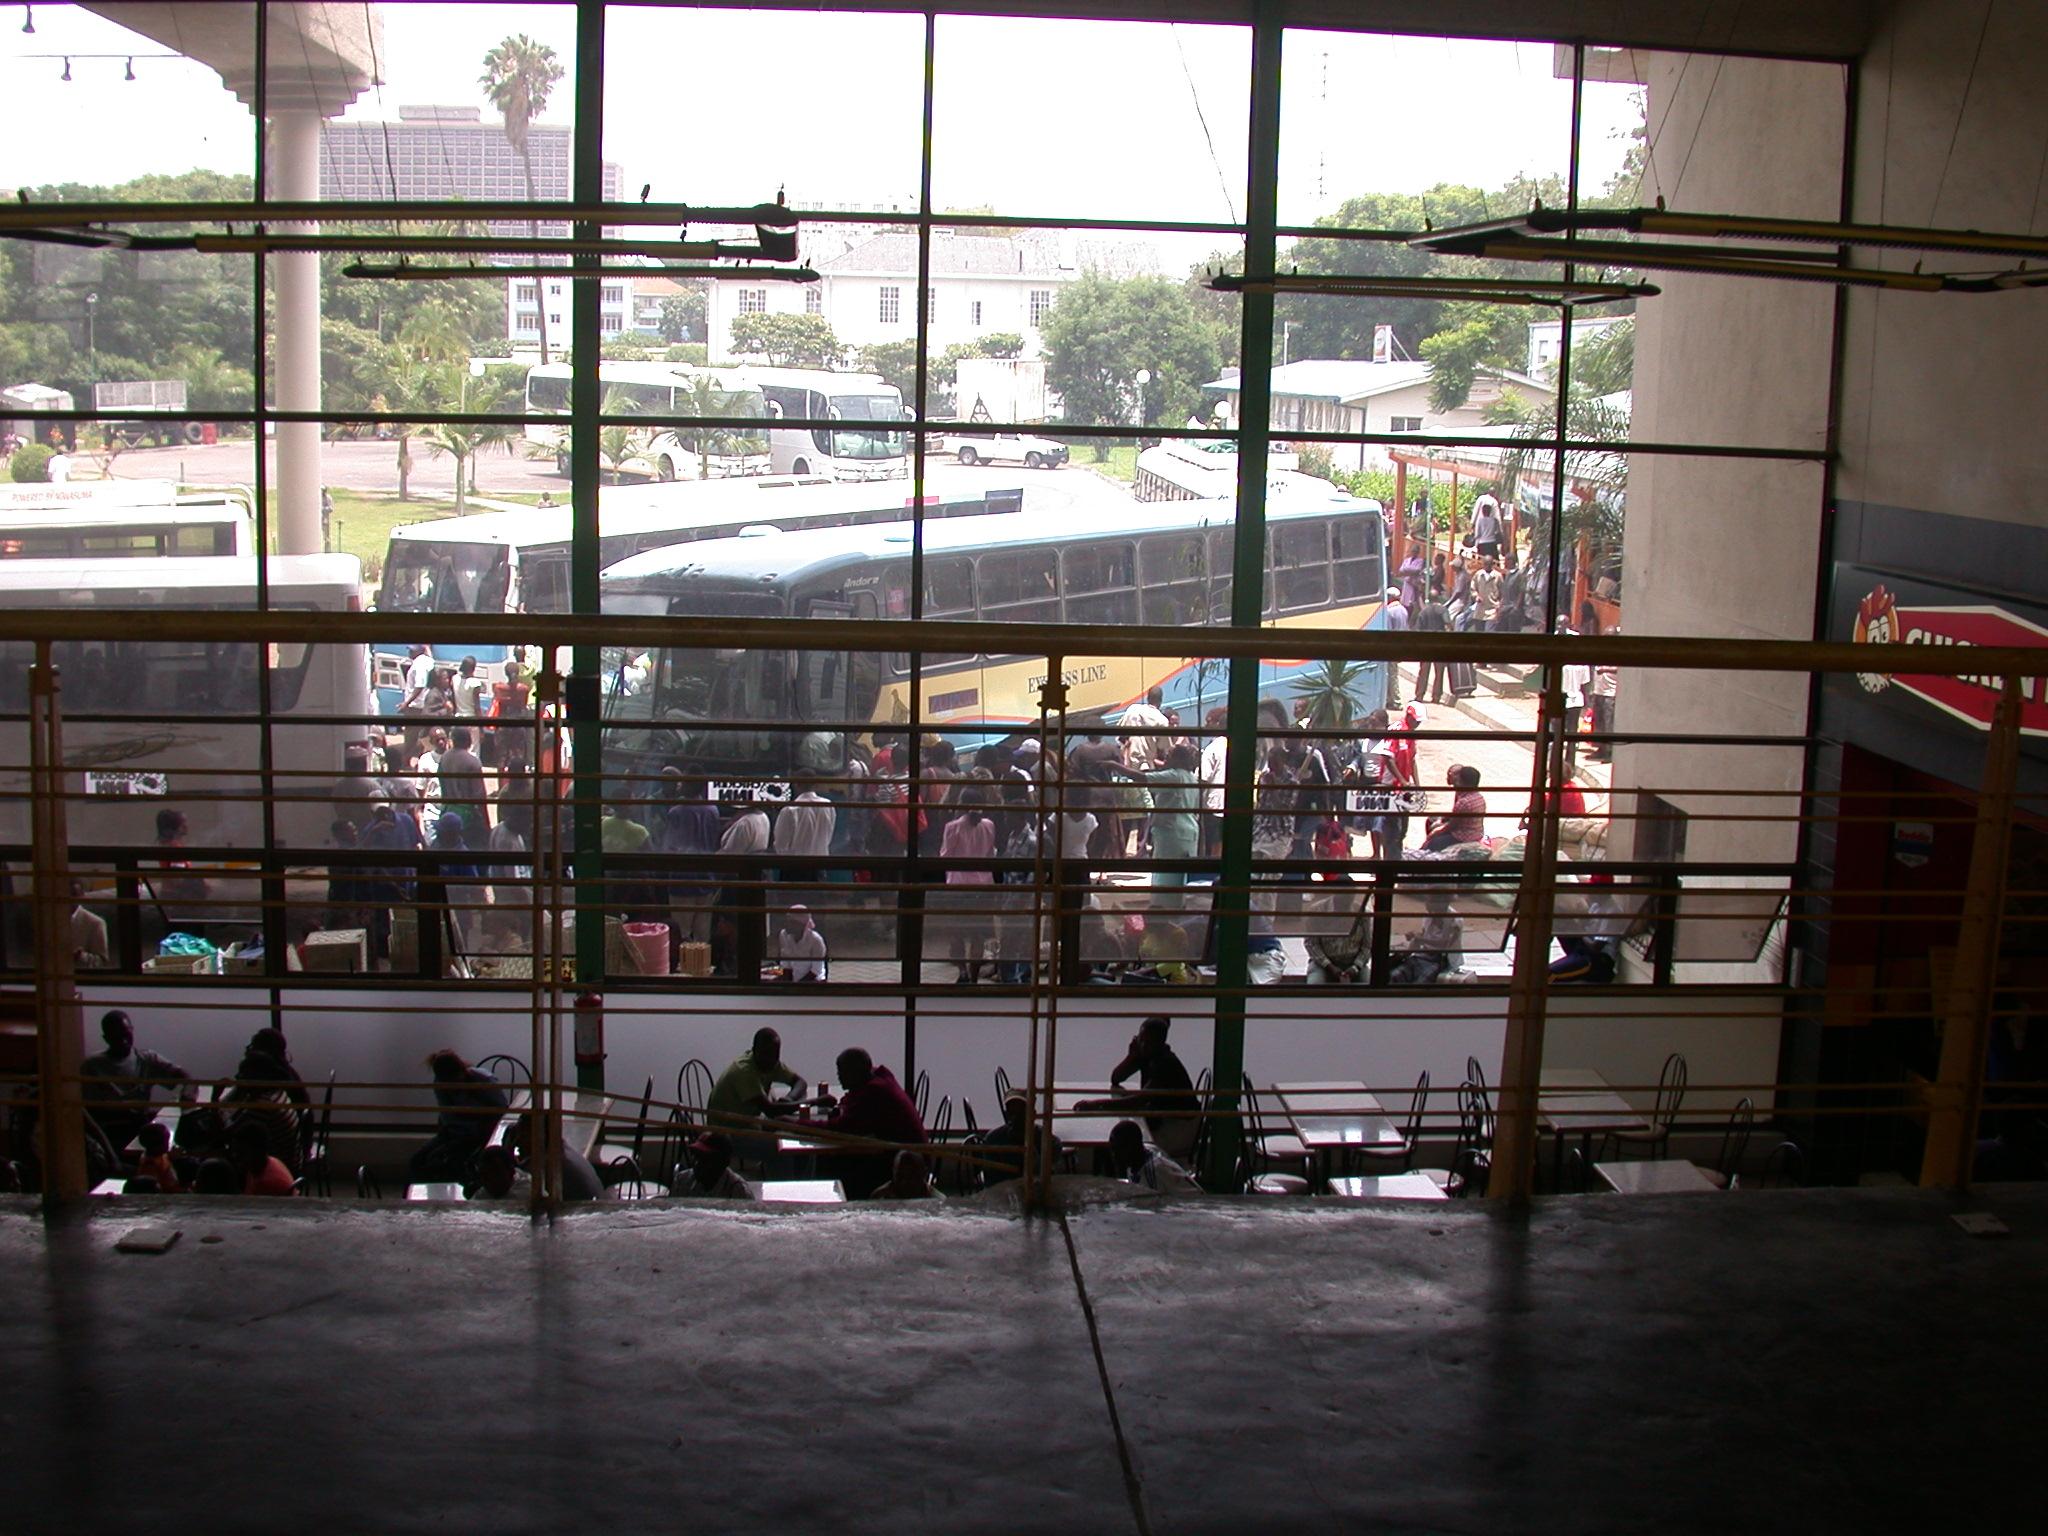 Bus Terminal, Harare, Zimbabwe